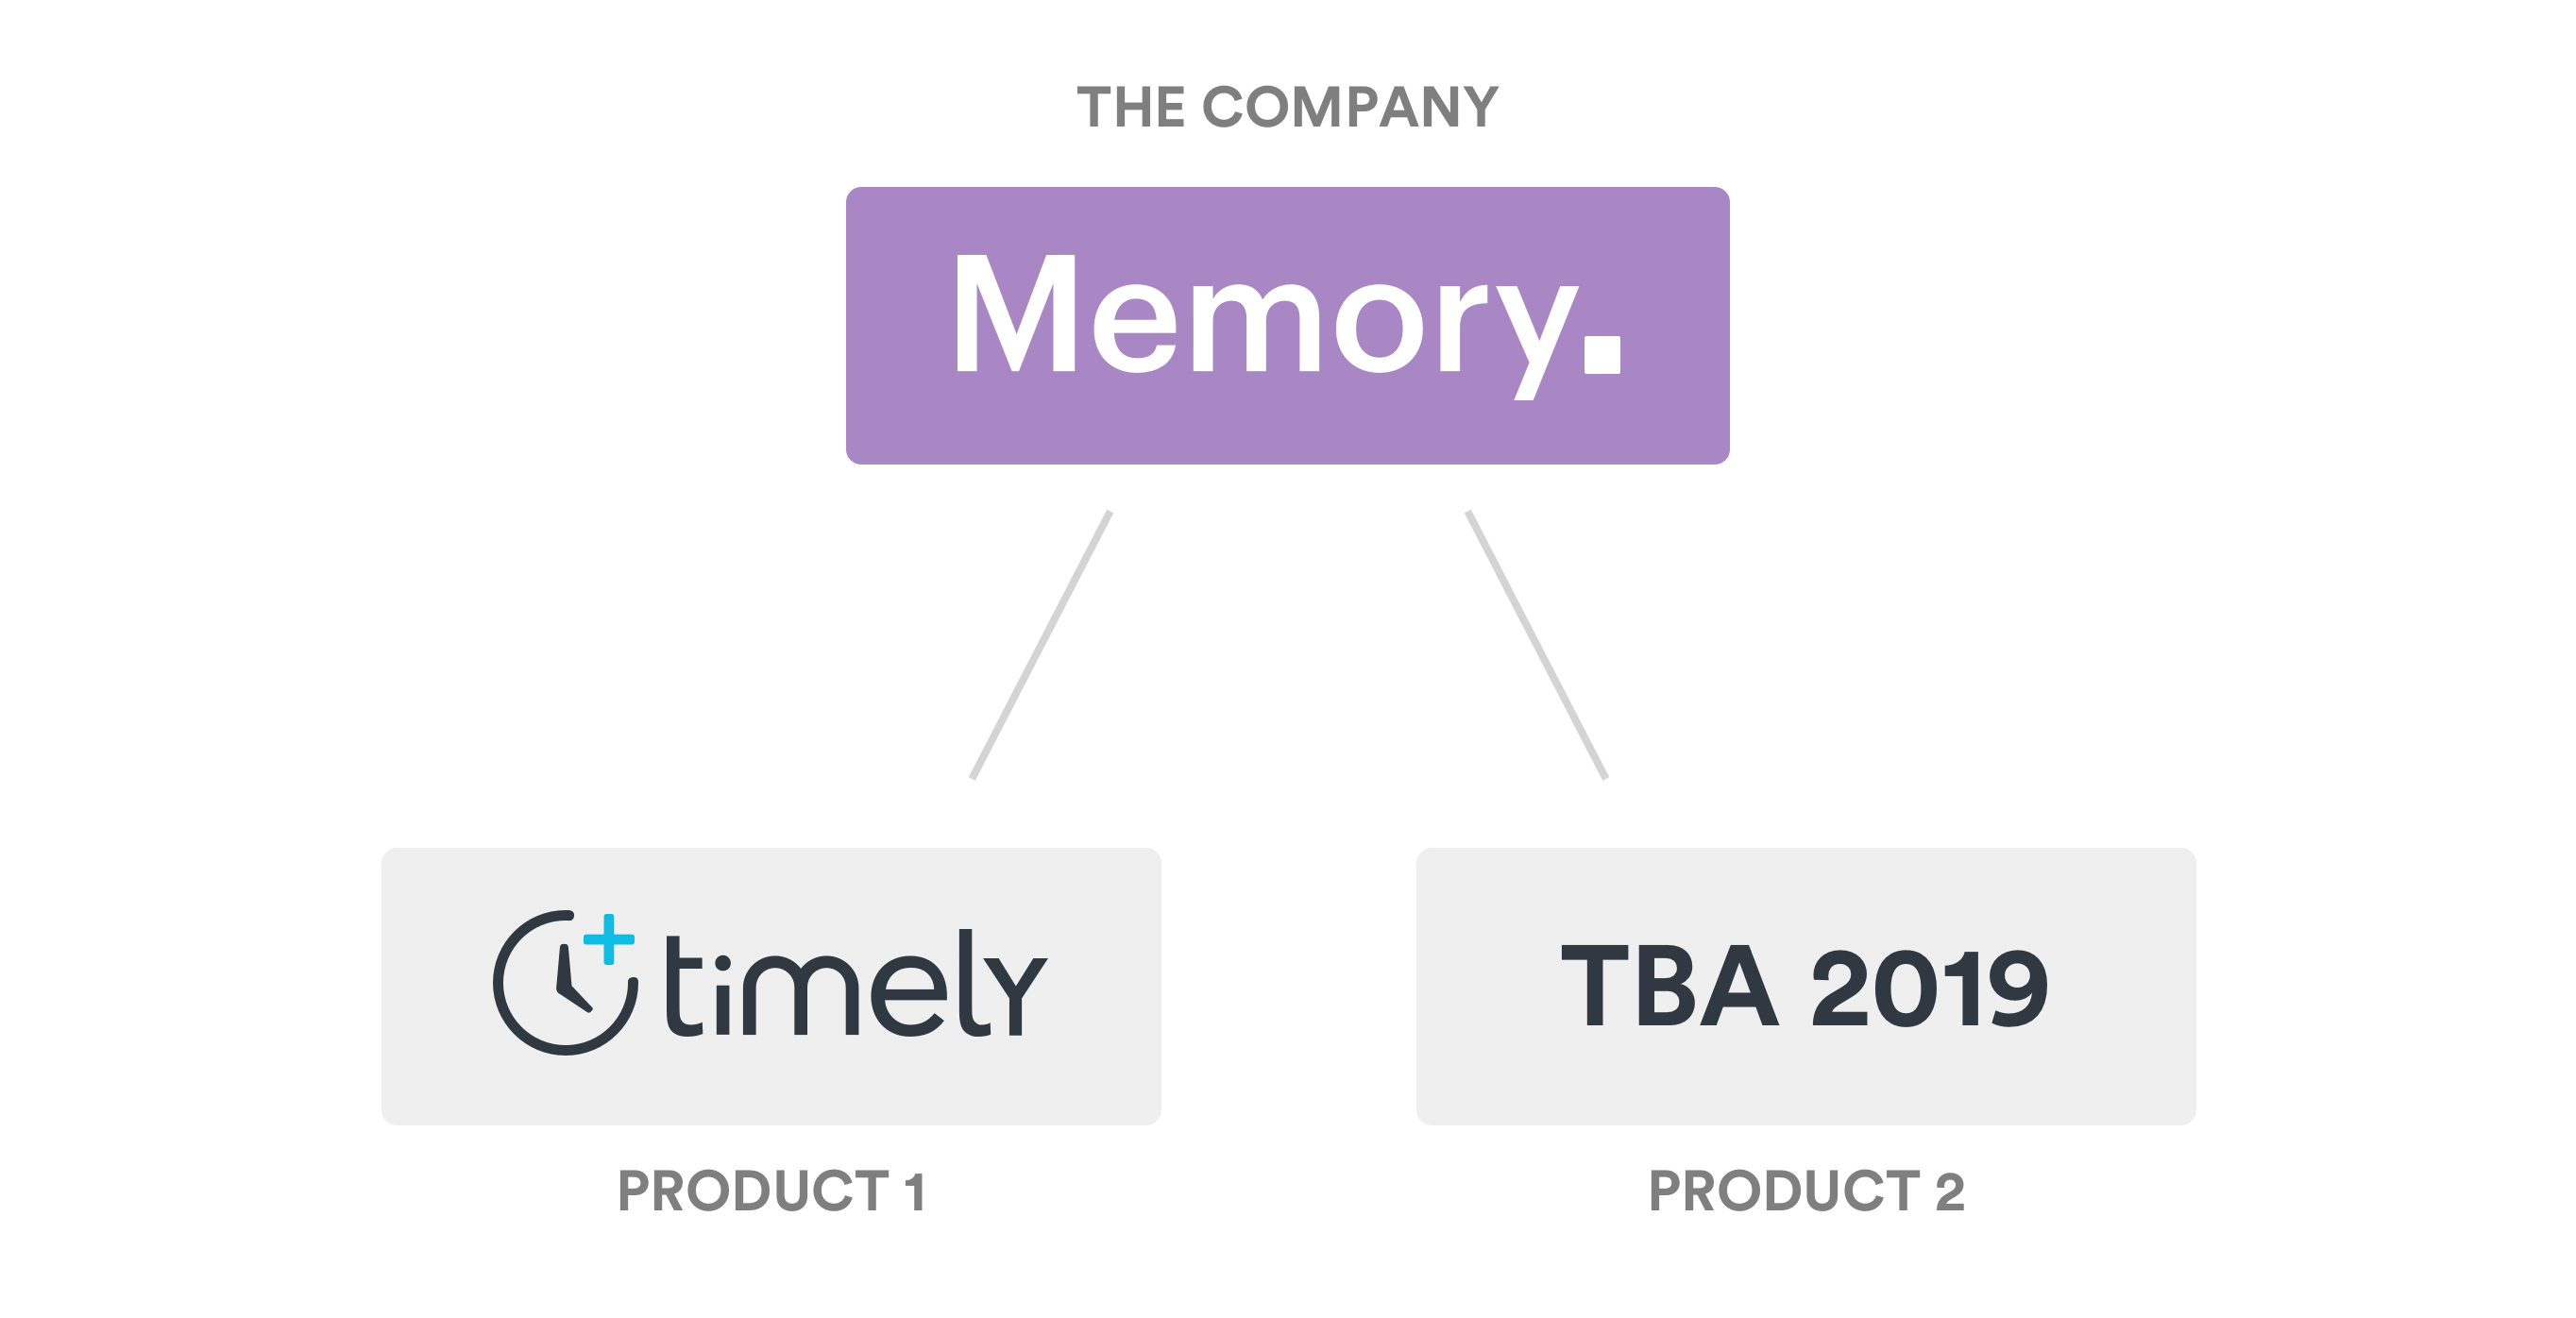 memory-explainer